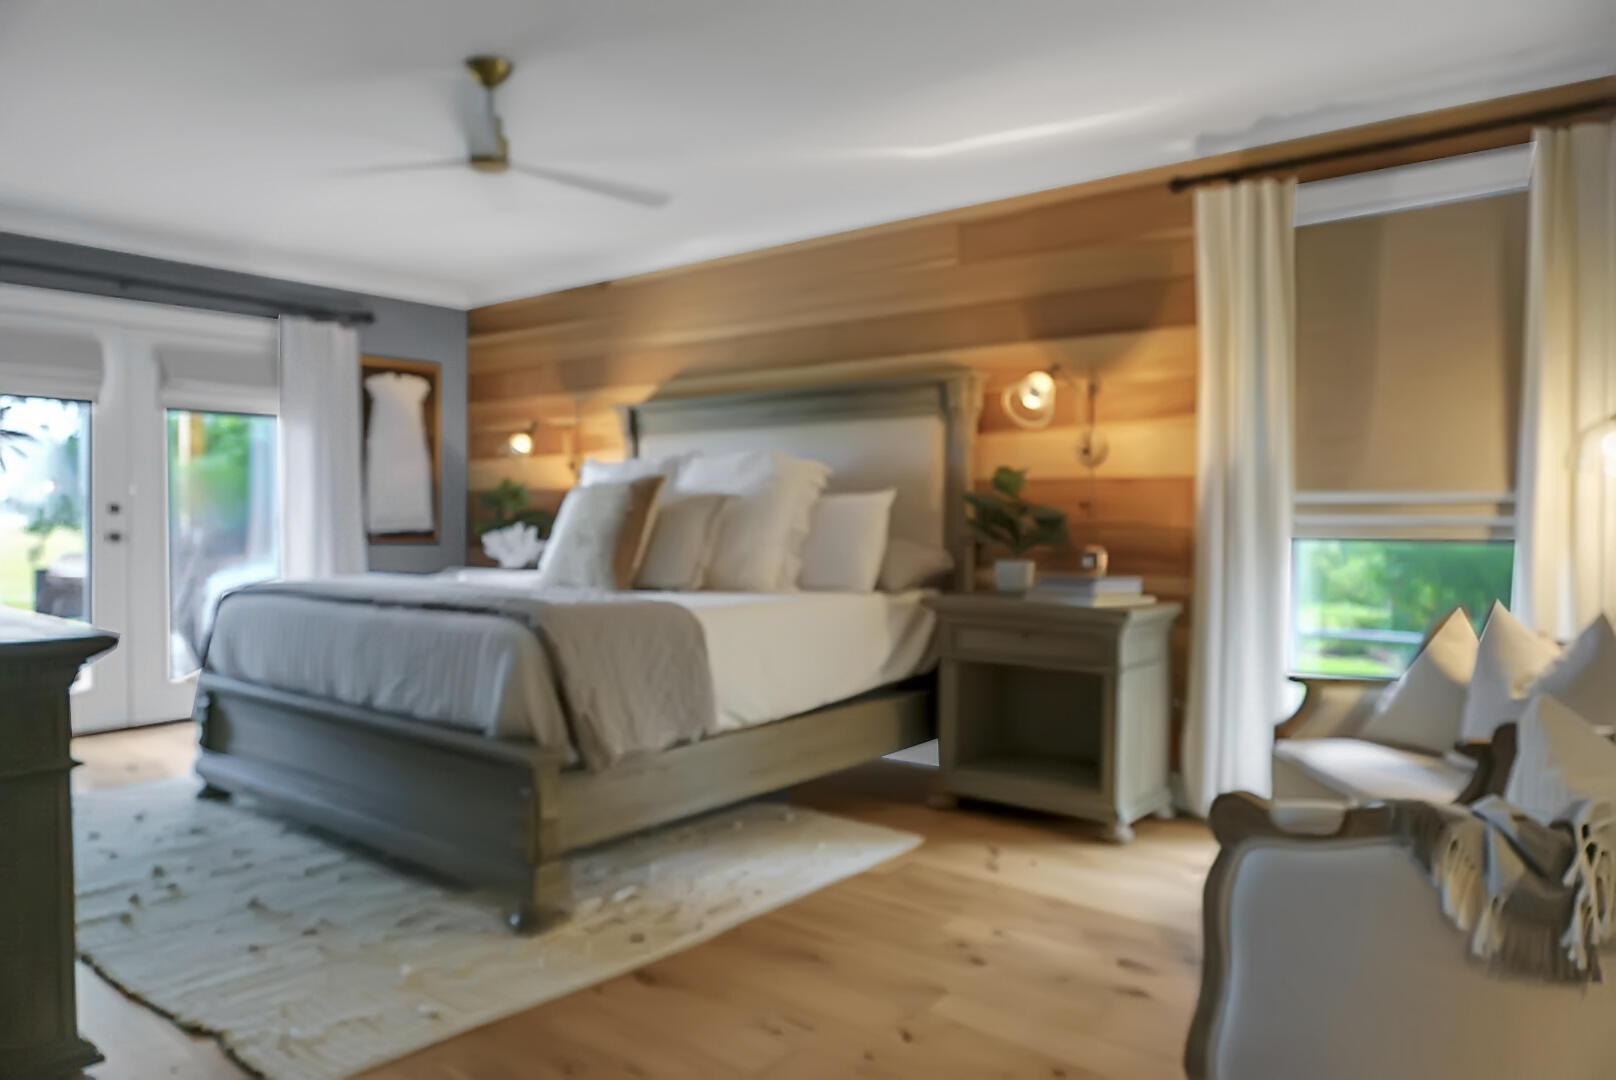 Sandhurst Homes For Sale - 37 Eton, Charleston, SC - 28